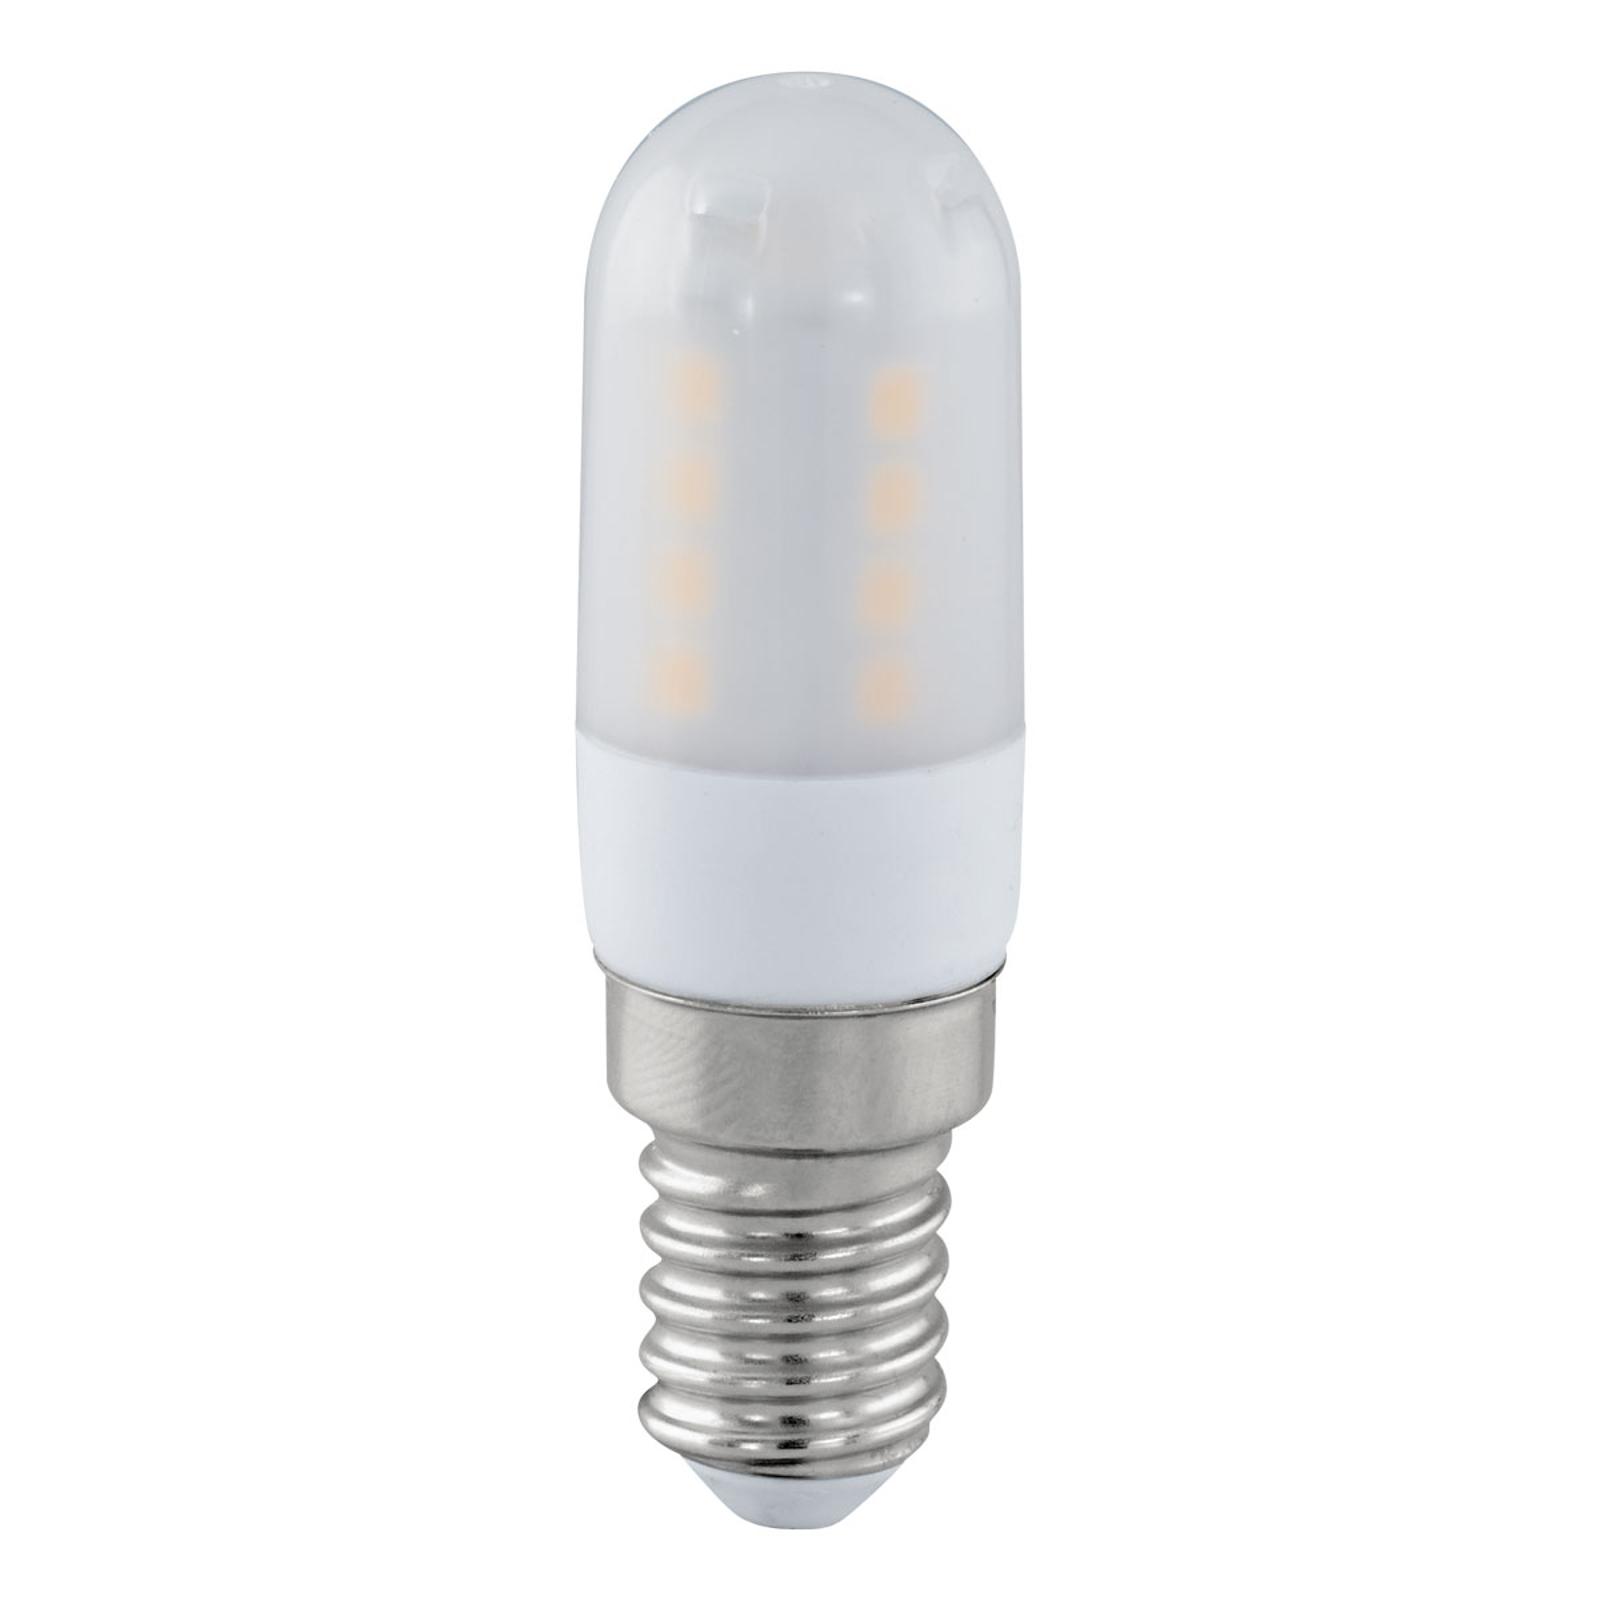 LED-Lampe E14 T20 2,5W warmweiß, matt